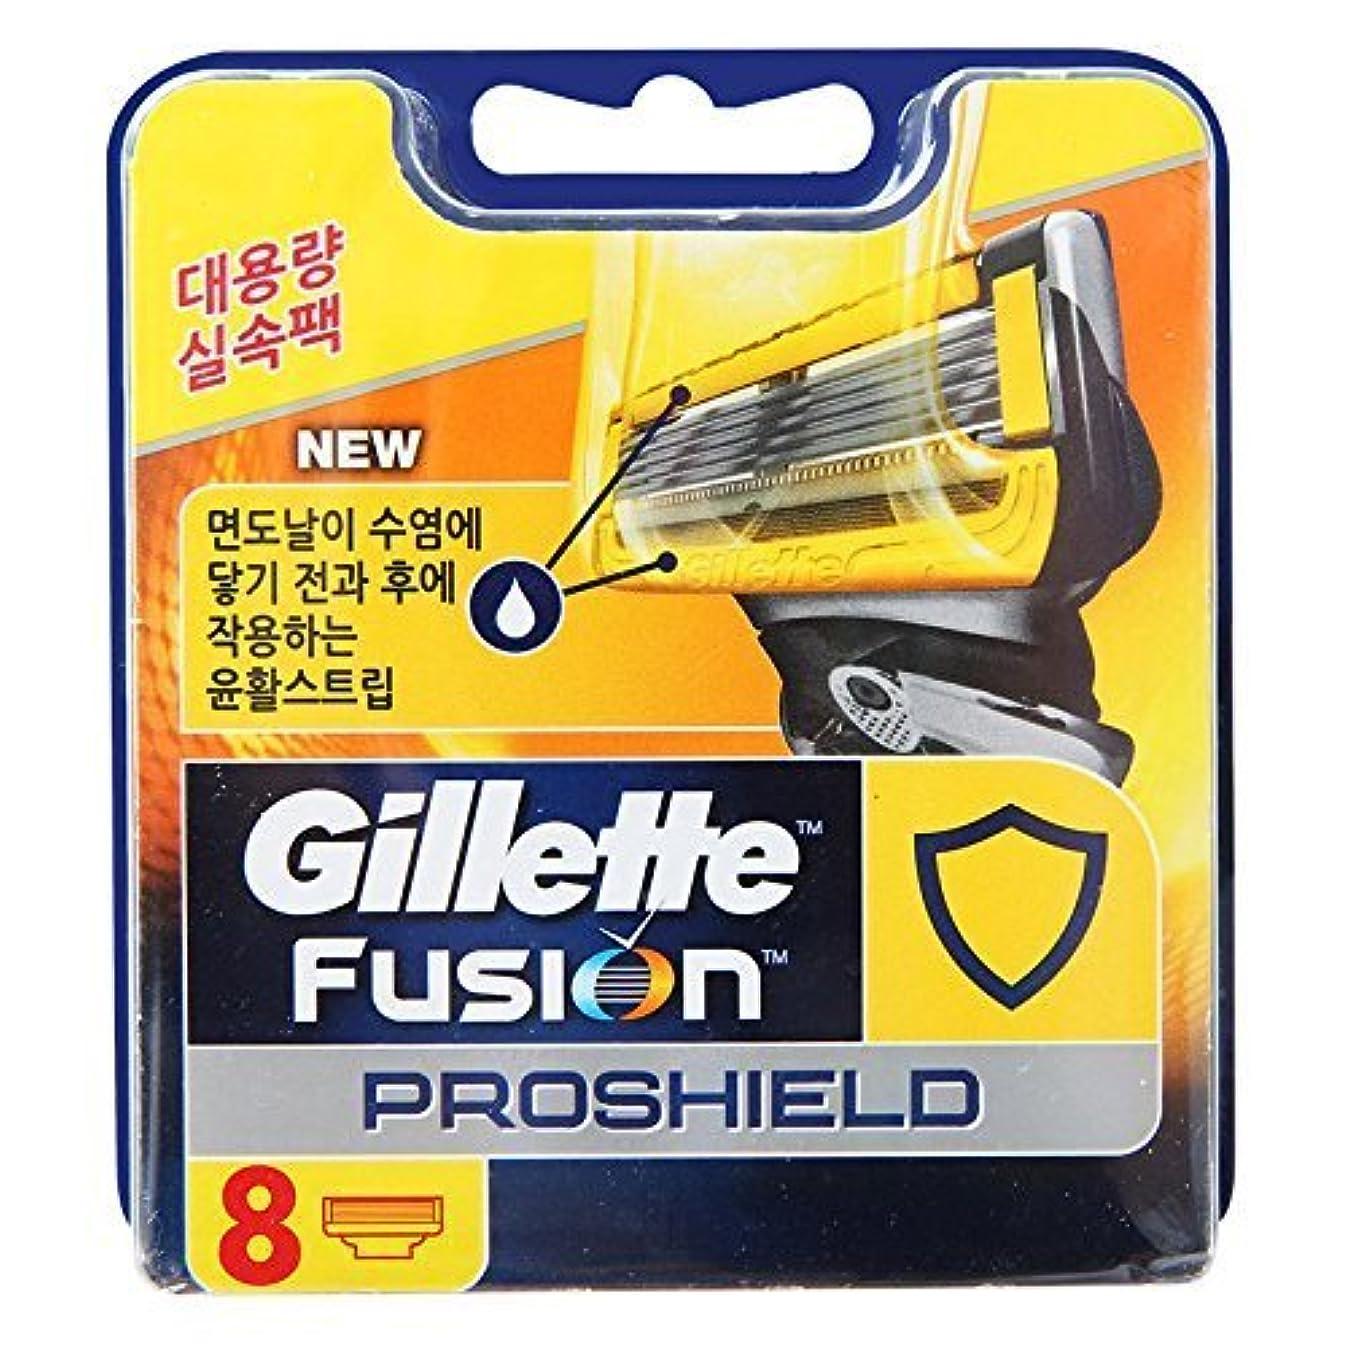 見込みご近所展望台Gillette Fusion Proshield Yellow Men's Razor Blade 8 Pack / ドイツ製 [並行輸入品]